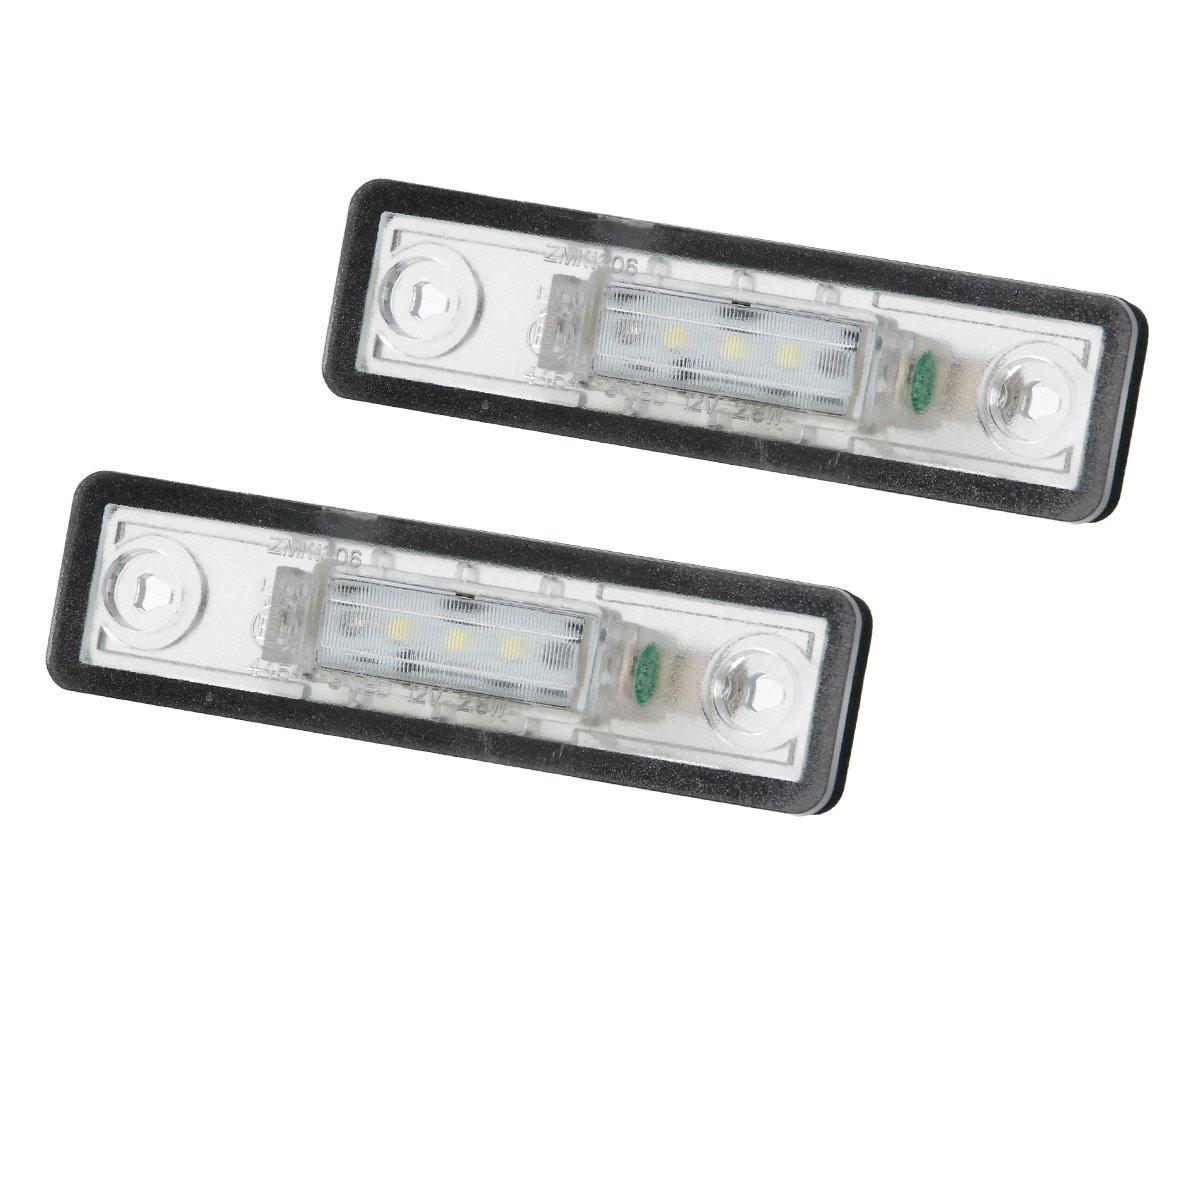 ECD Germany 2x Indicateurs LED pour plaque d'immatriculation Blanc xé non 6000K 2835SMD 12-14 Volts